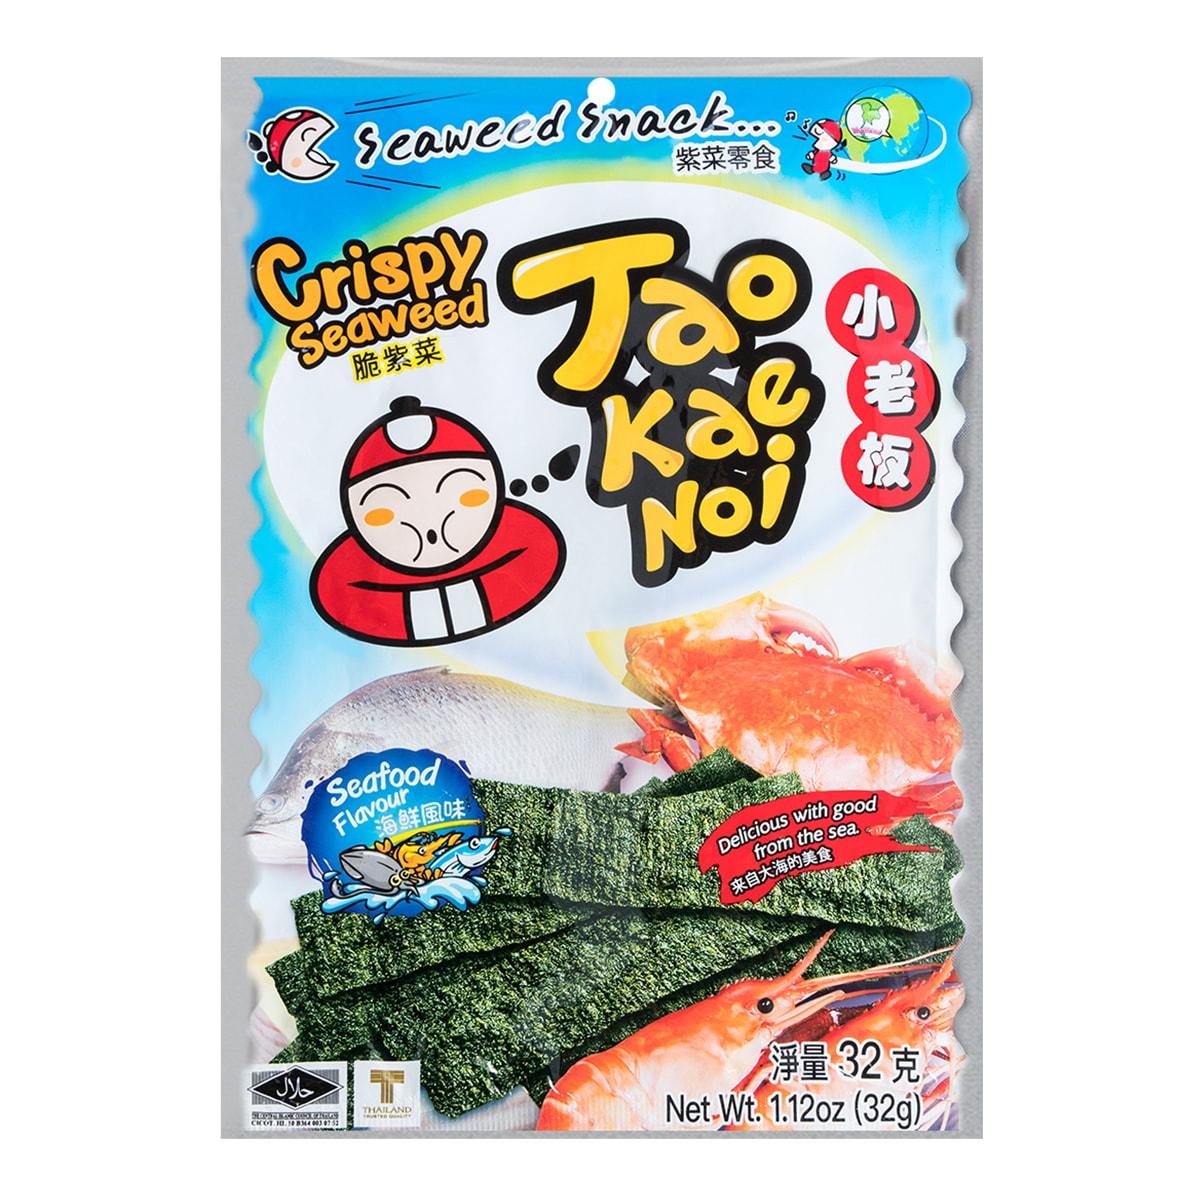 TAO KAE NOI Crispy Seaweed Seafood Flavor 32g